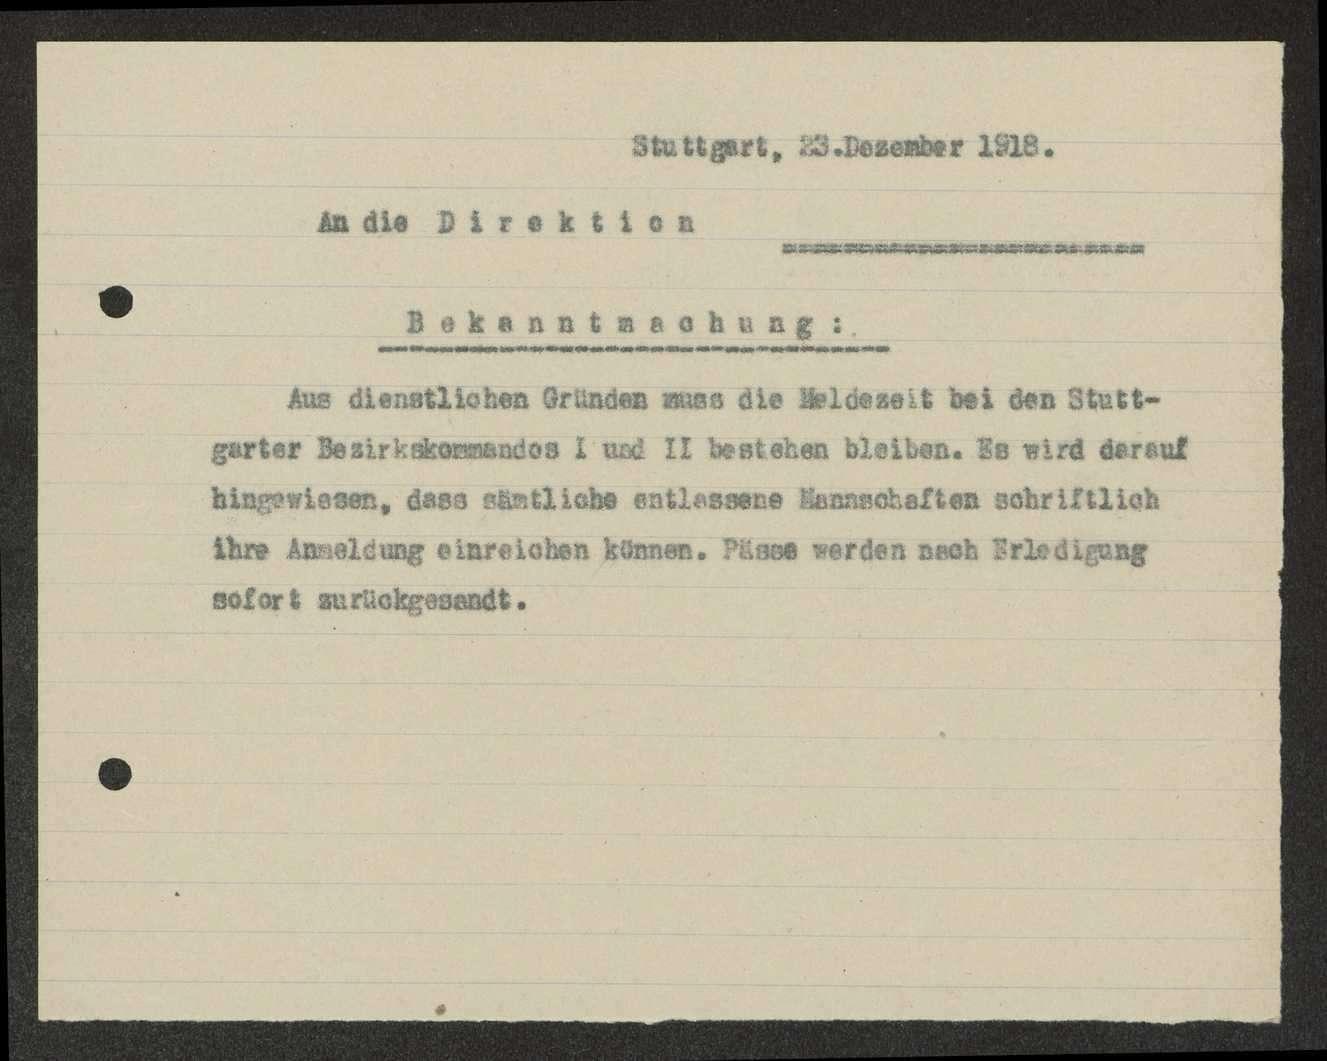 Bekanntmachung über die Meldezeit bei den Stuttgarter Bezirkskommandos I und II, Bild 3